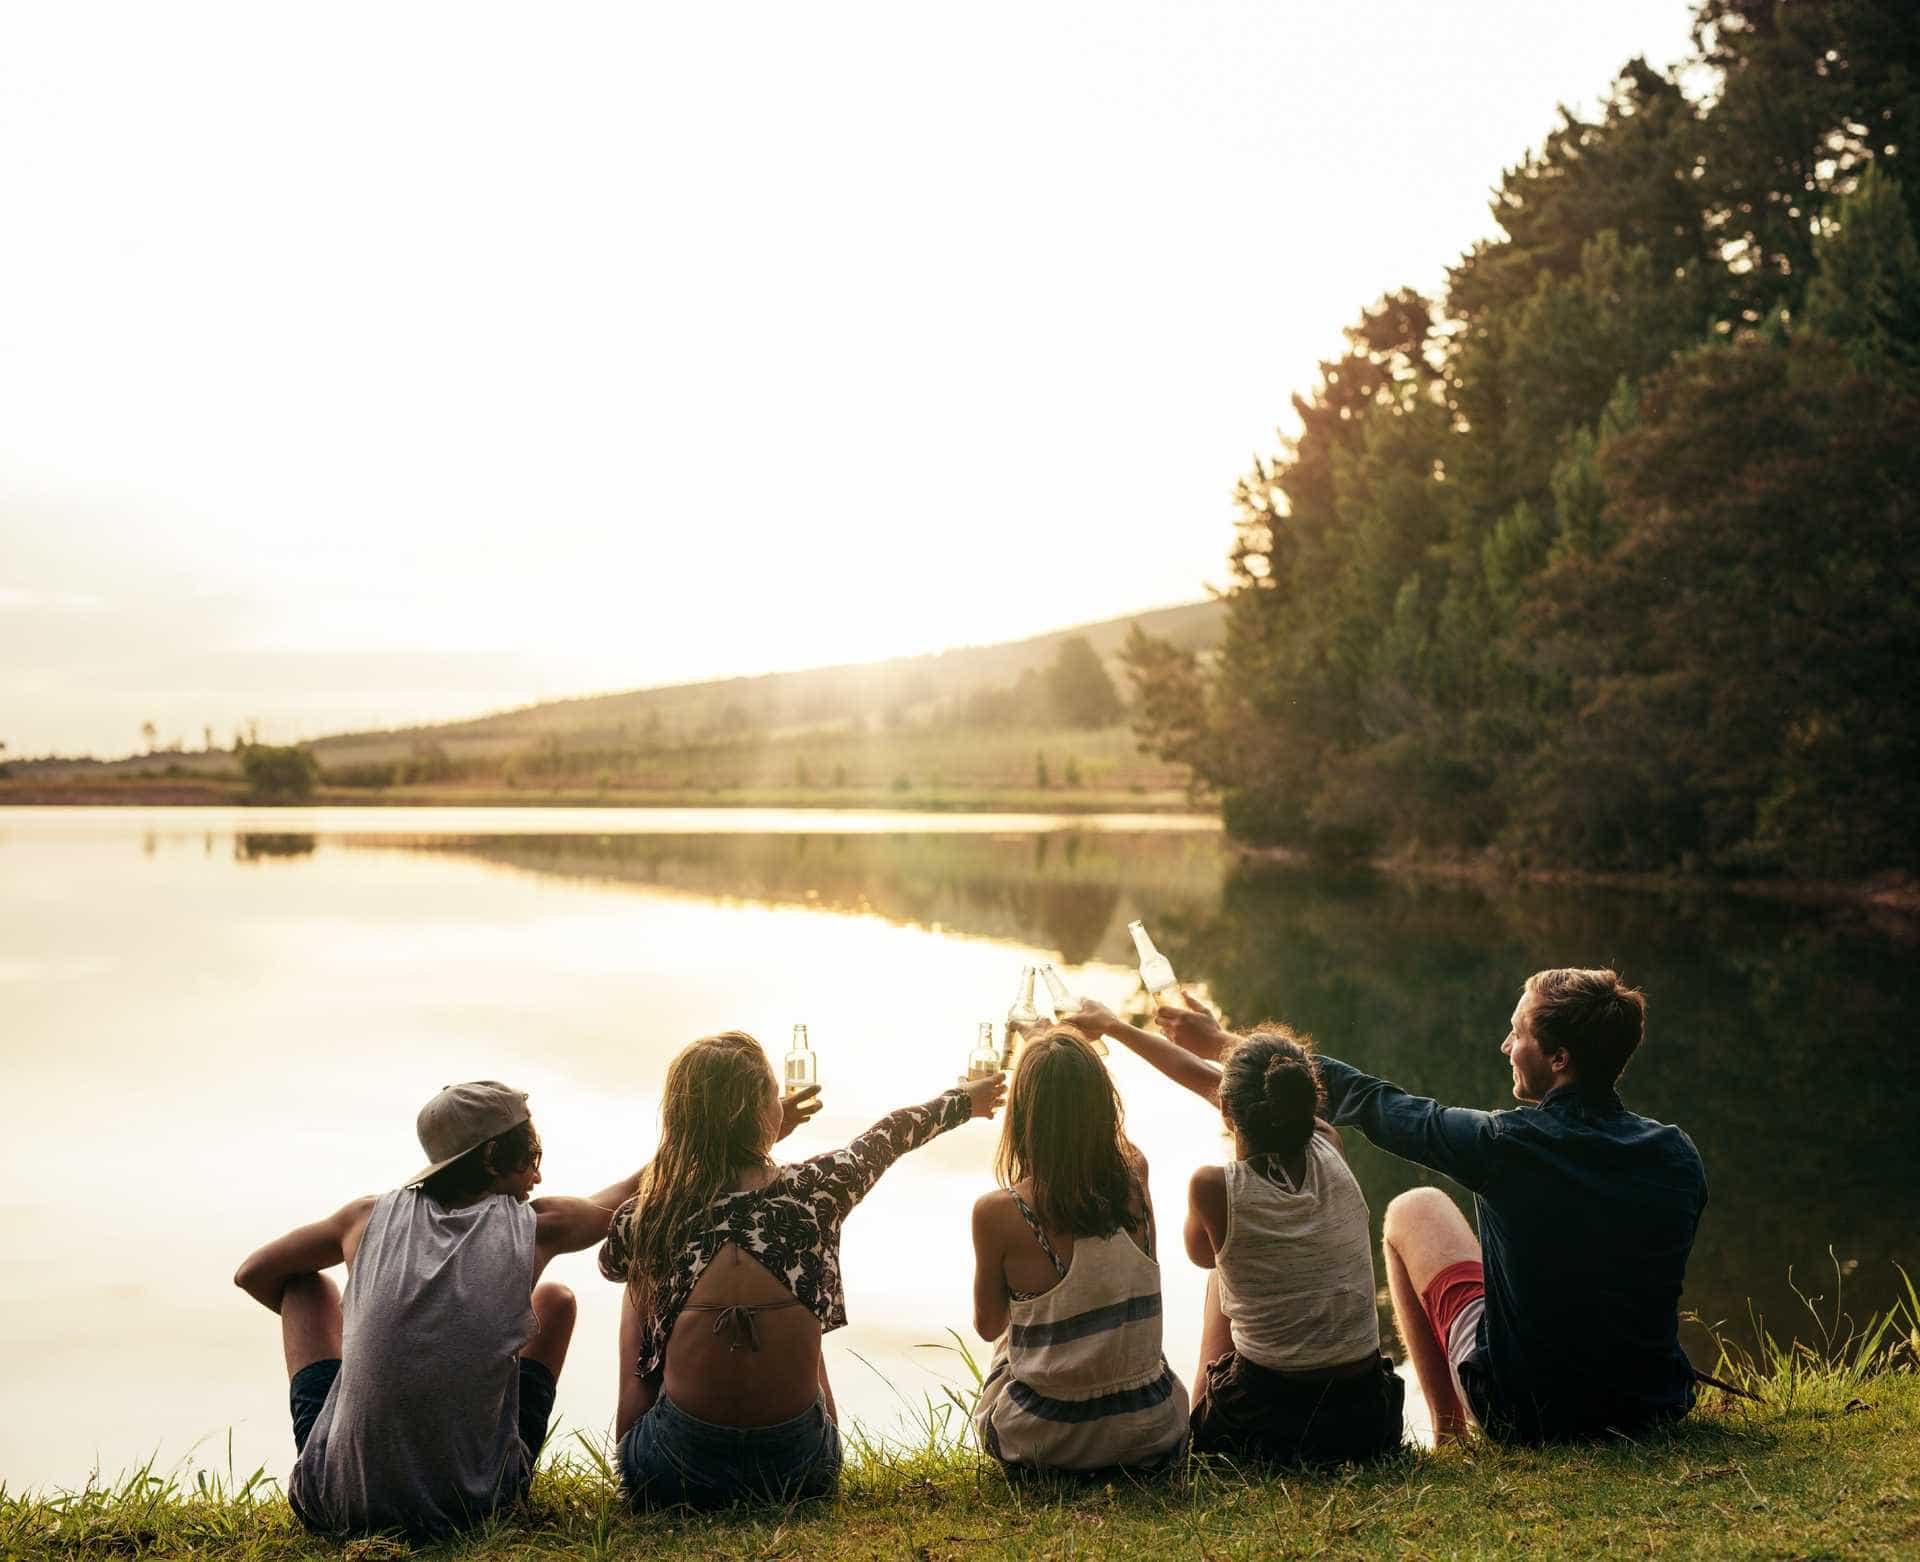 Tudo o que precisa para um sunset perfeito